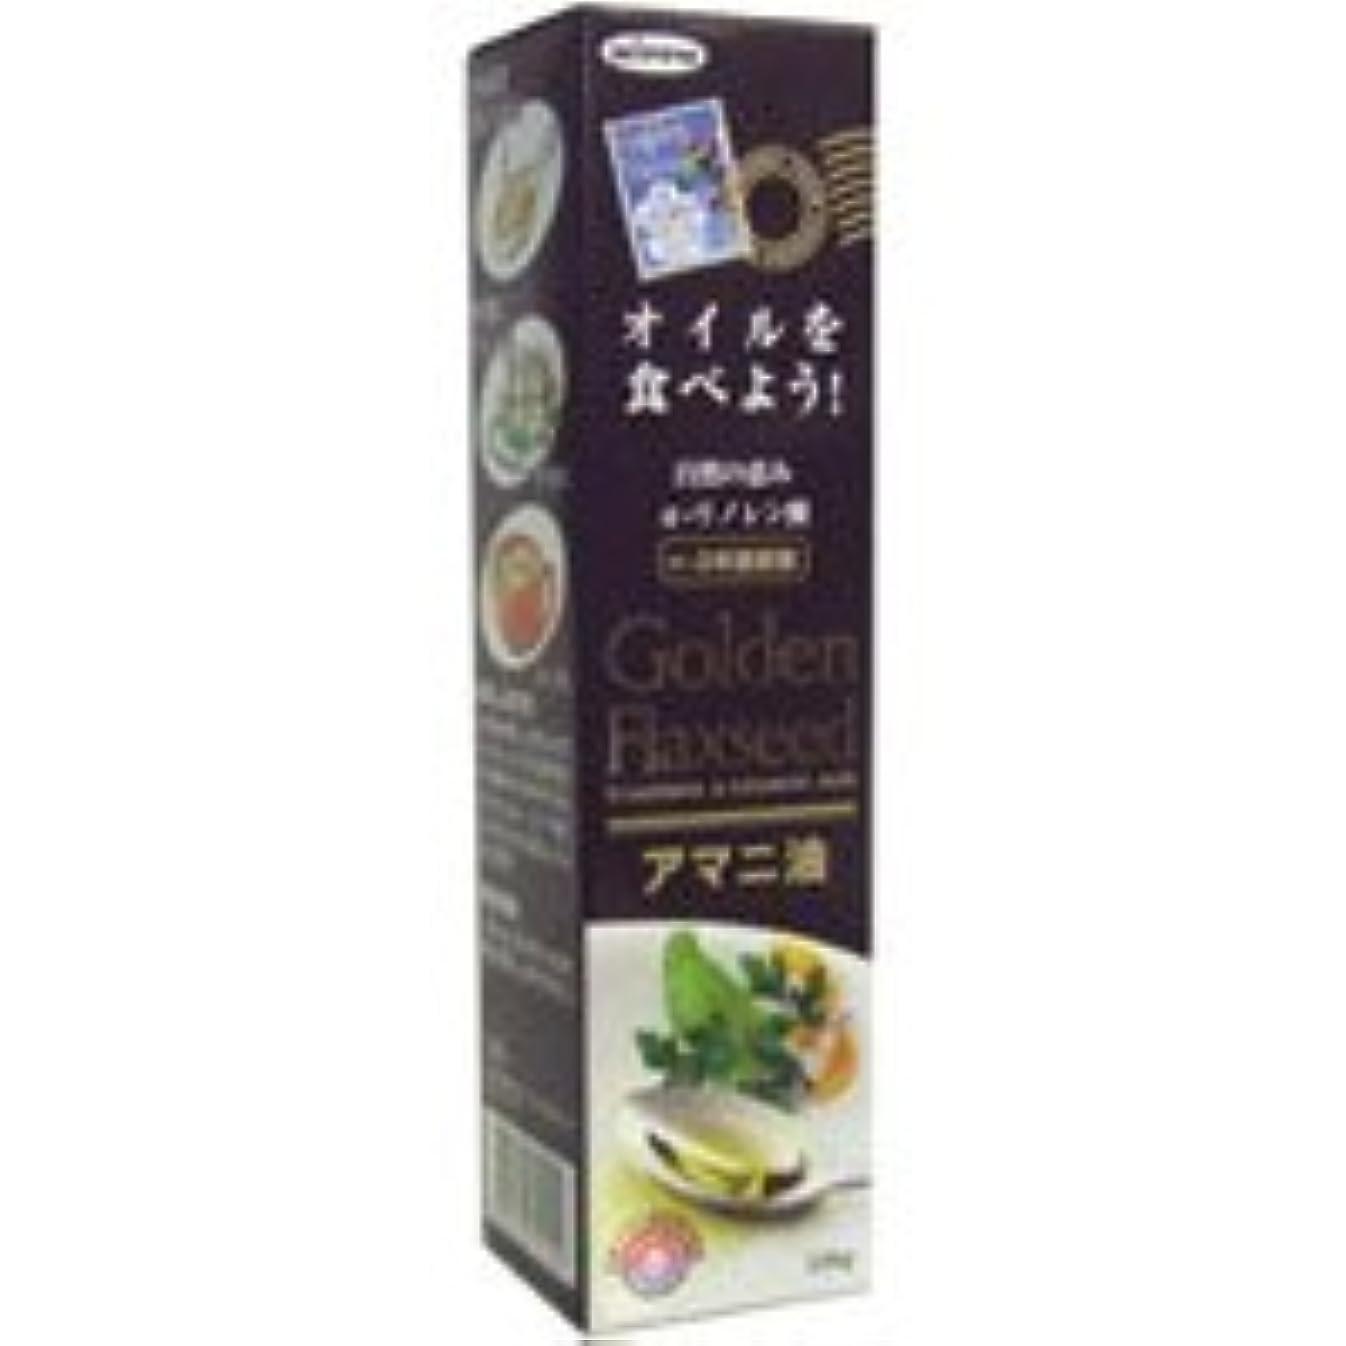 ステーキブラケットコック日本製粉アマニ油186g